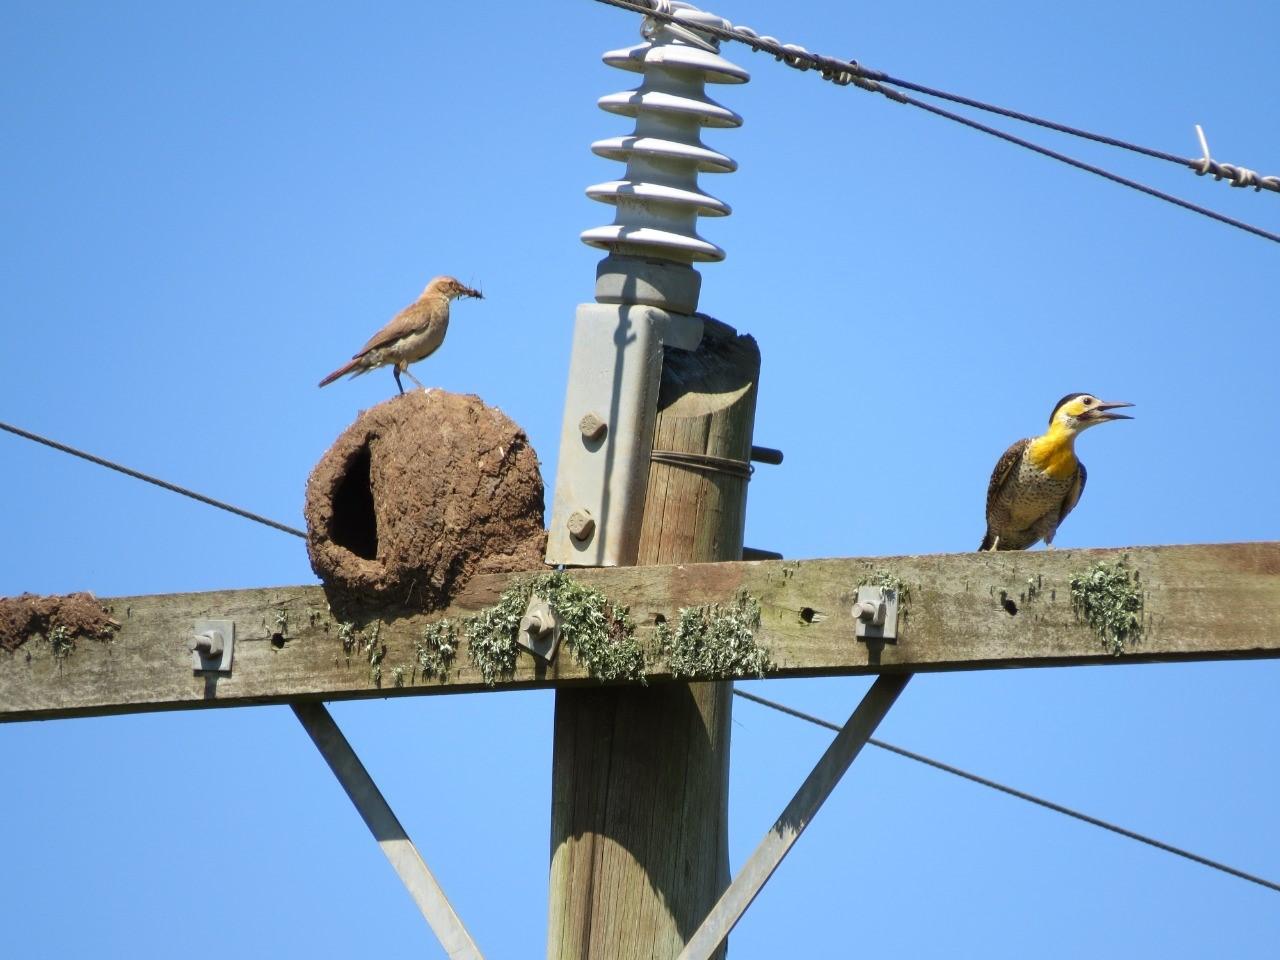 Impactos Ambientais das Linhas de Transmissão sobre a Avifauna